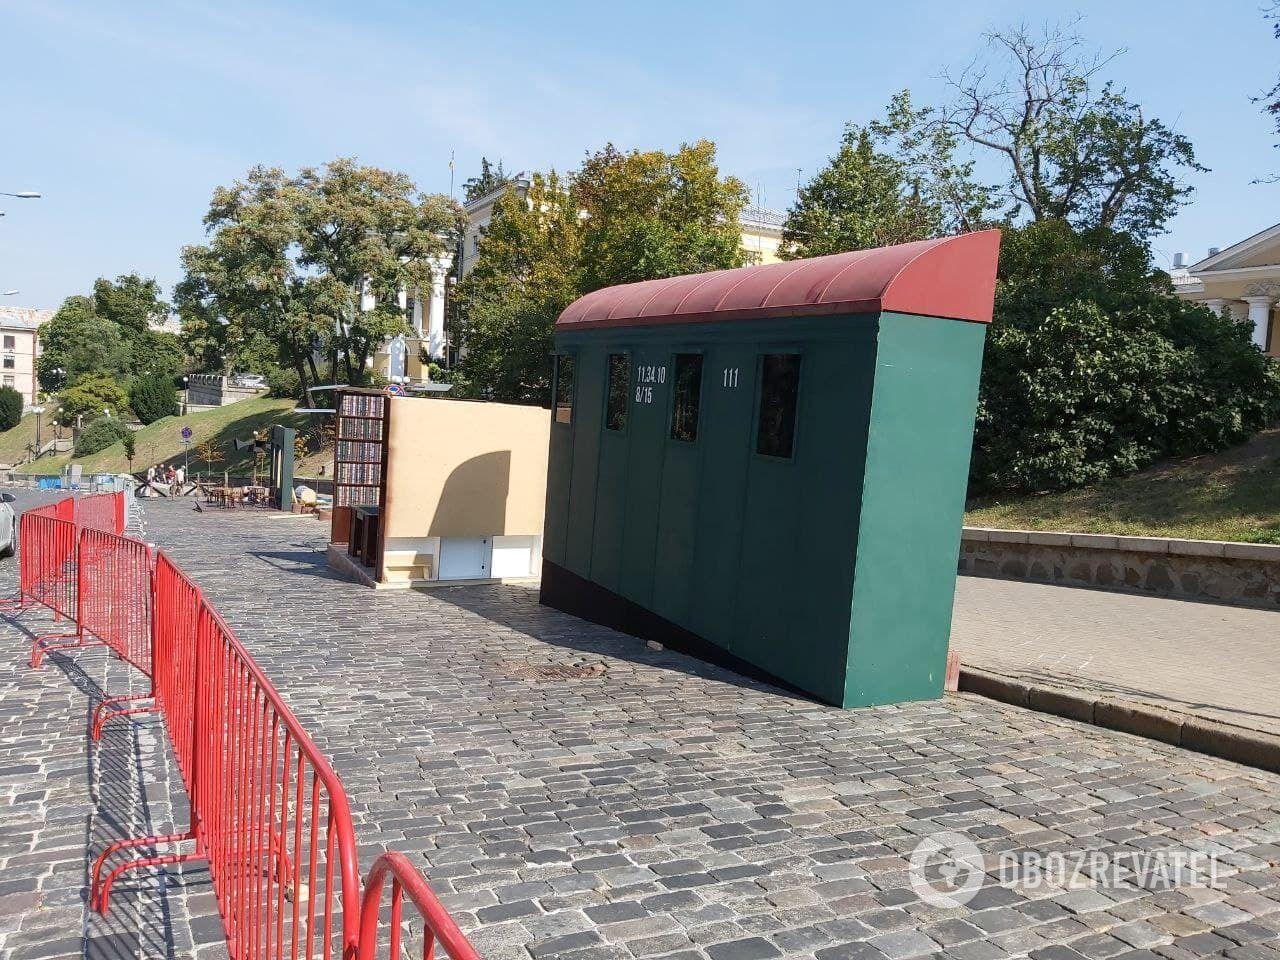 Вагончик недалеко від станції метро.